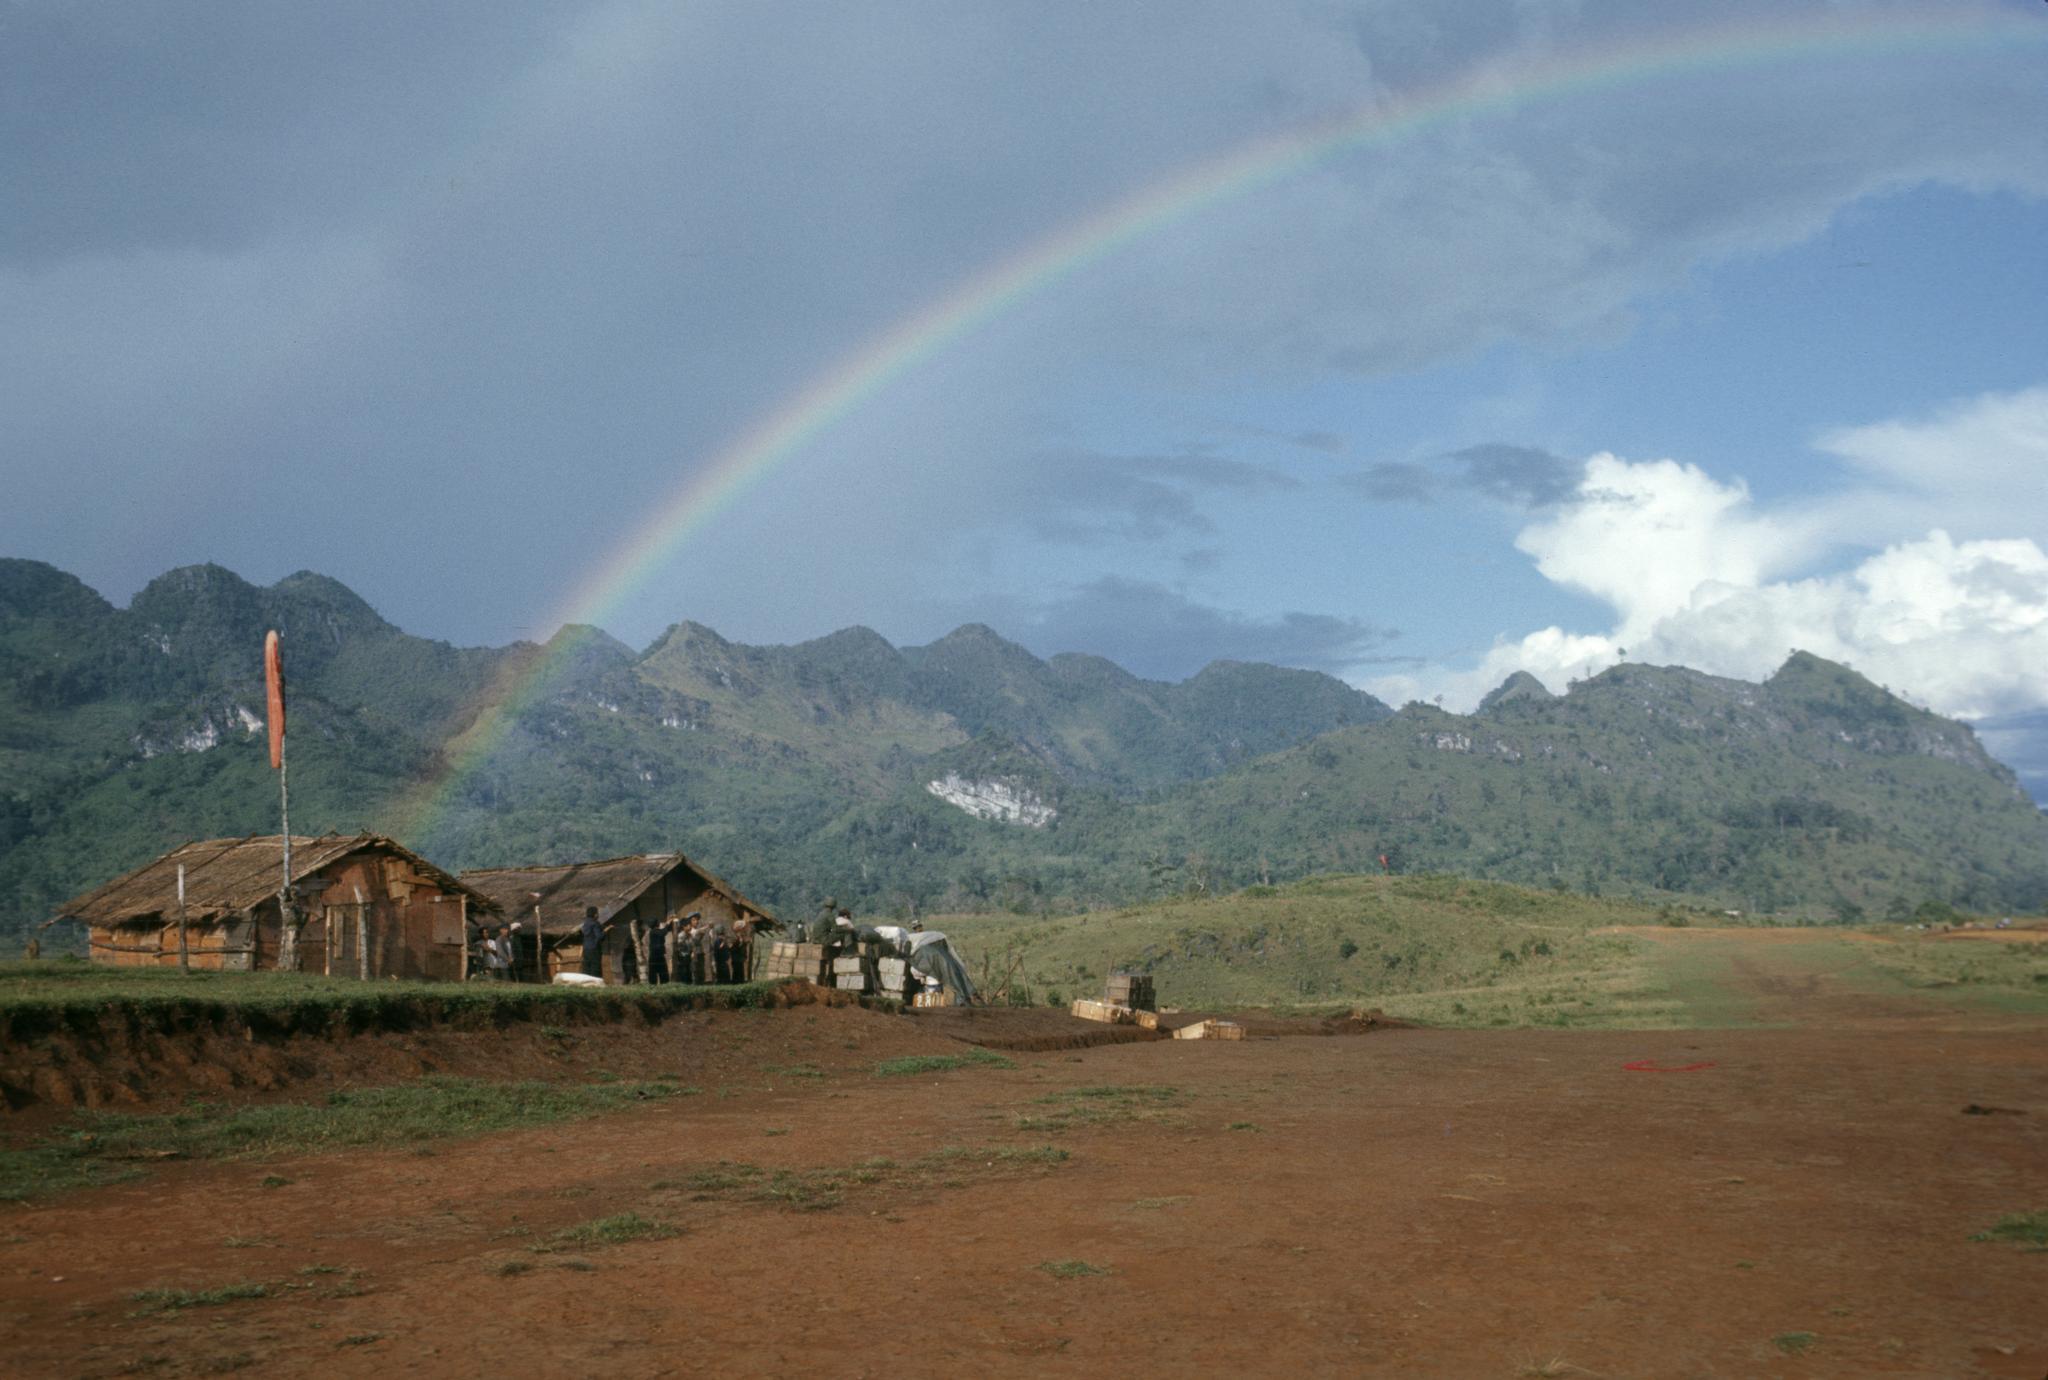 Hmong refugee site